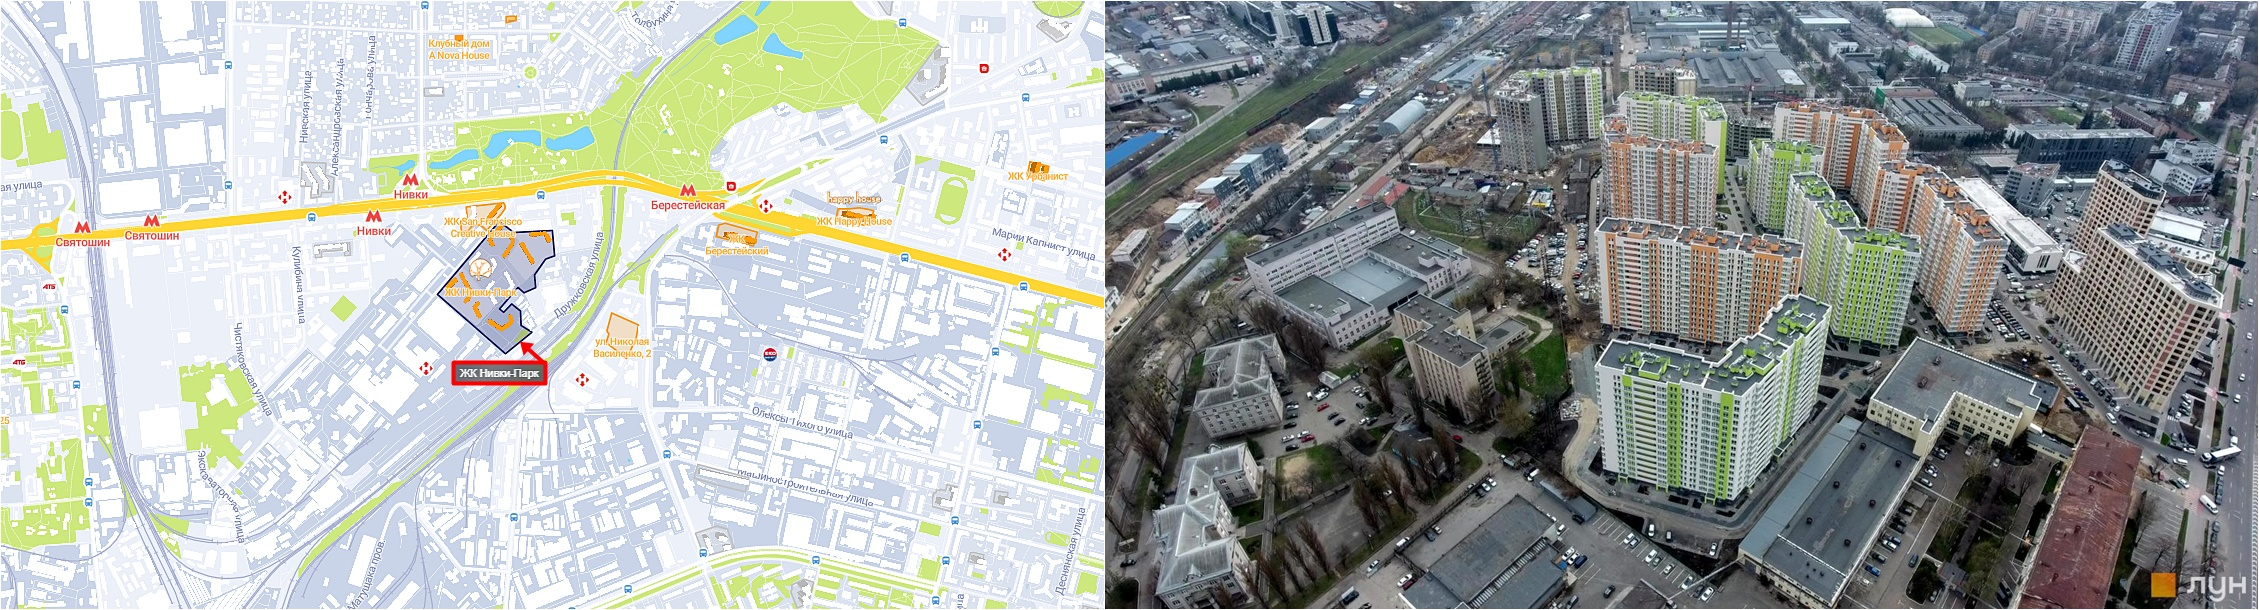 ЖК Нивки-Парк на карте и вид на стройплощадку